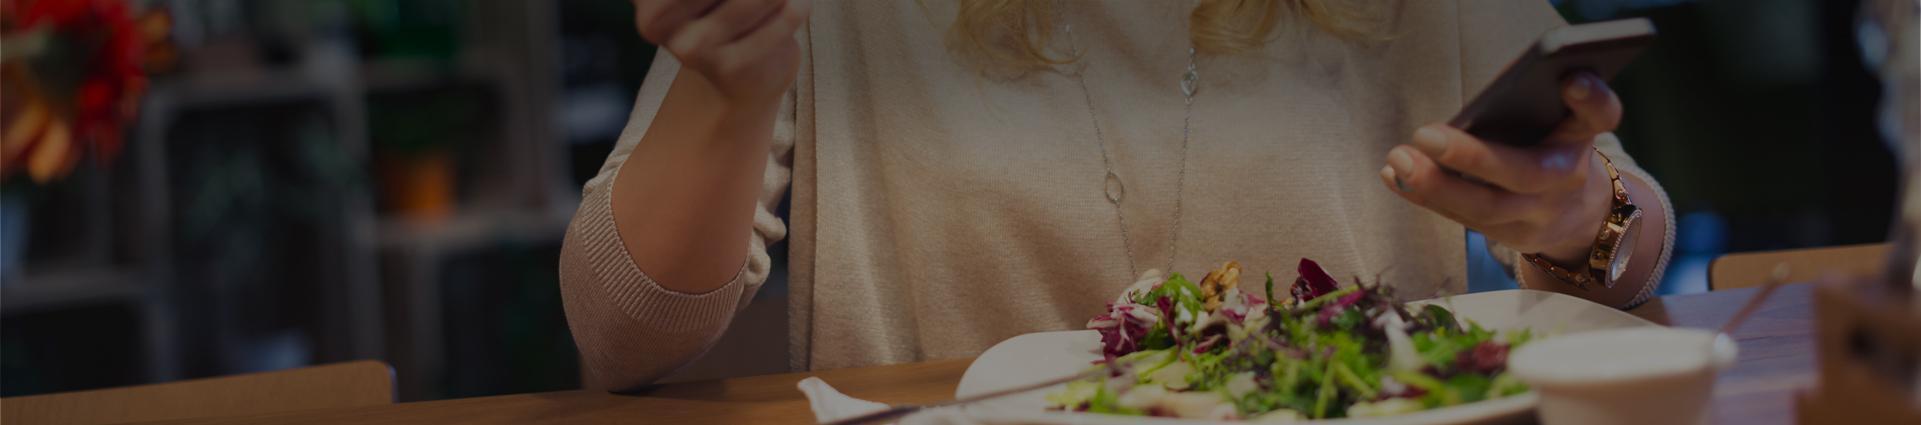 klientka w restauracji